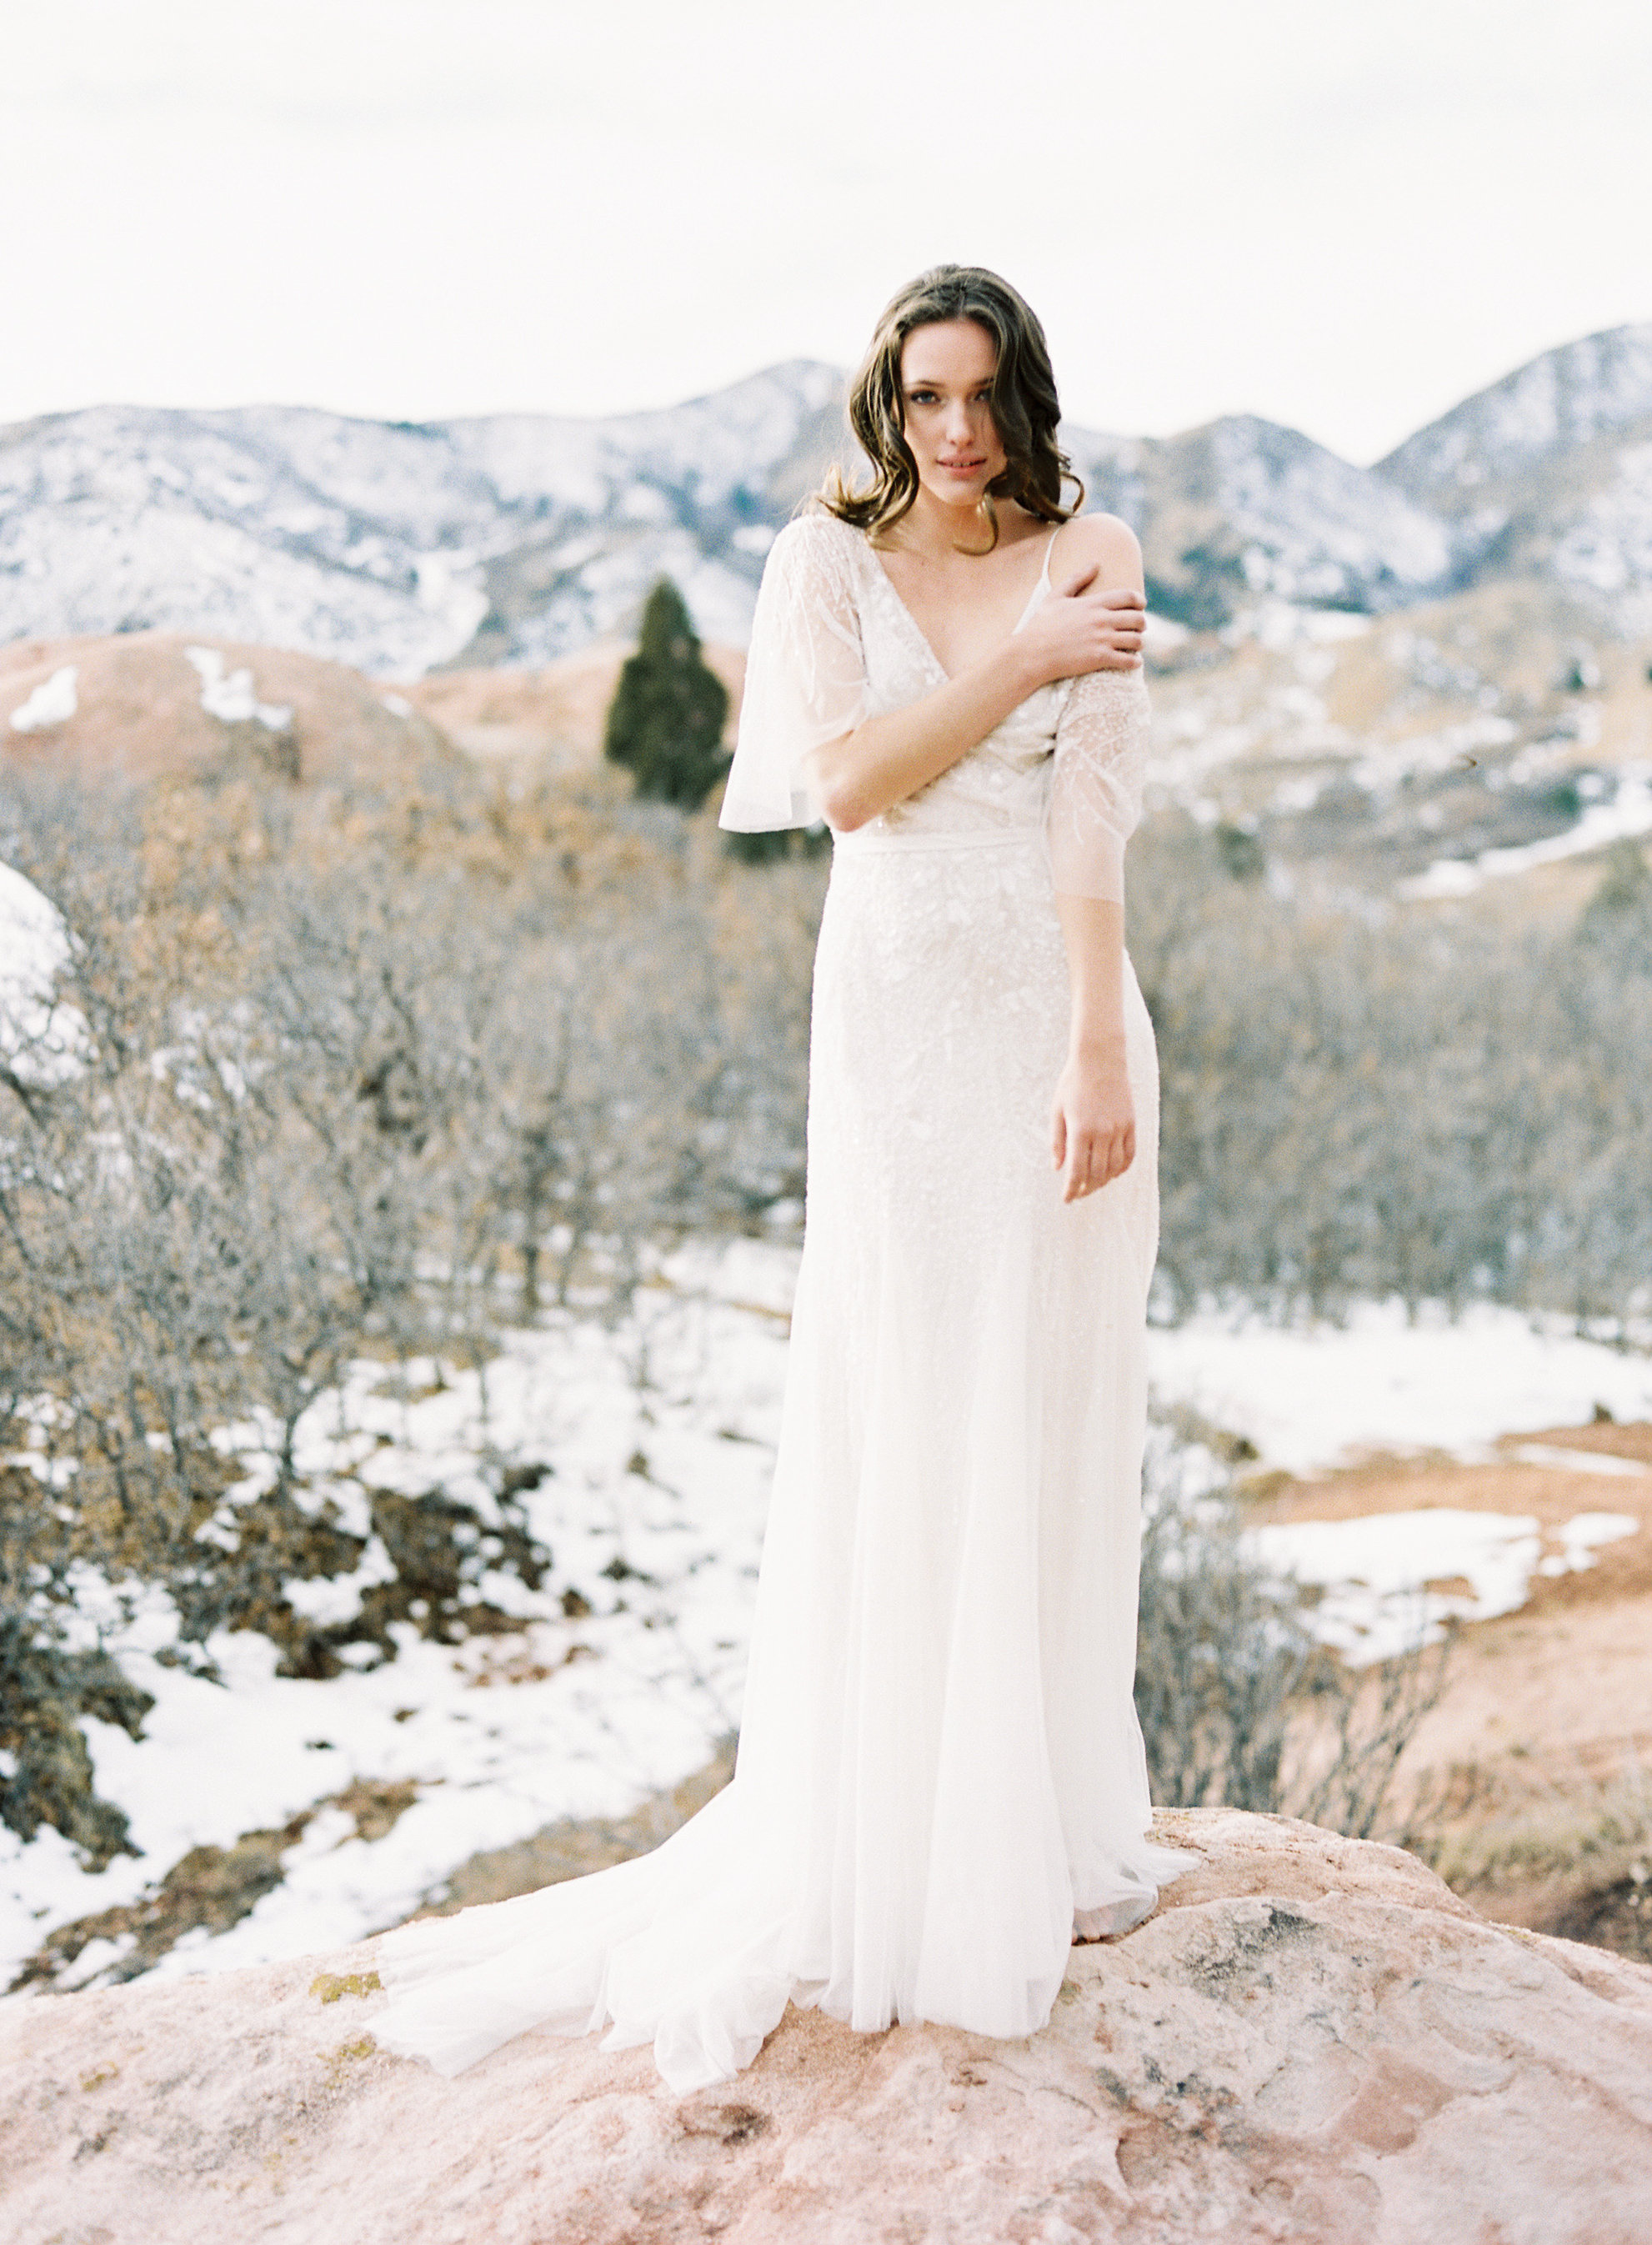 Winter bridal portraits